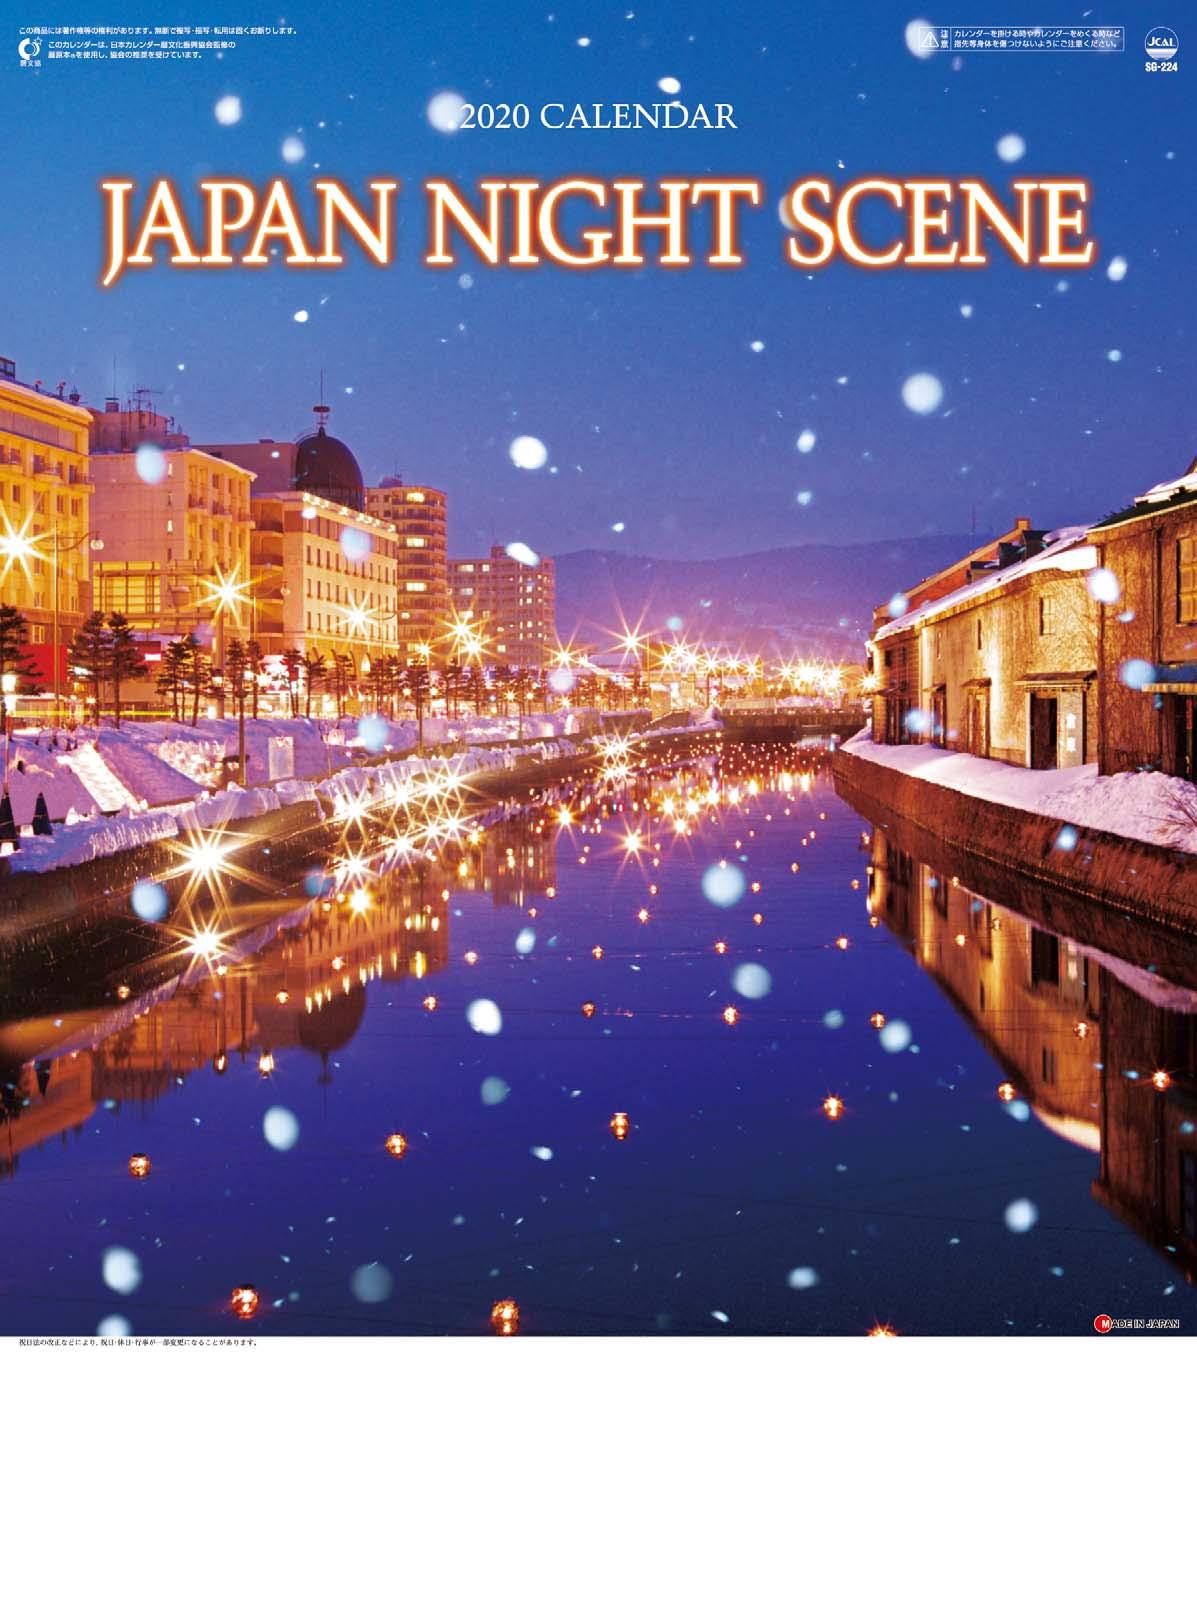 ジャパンナイトシーン 日本の夜景 2020年カレンダー